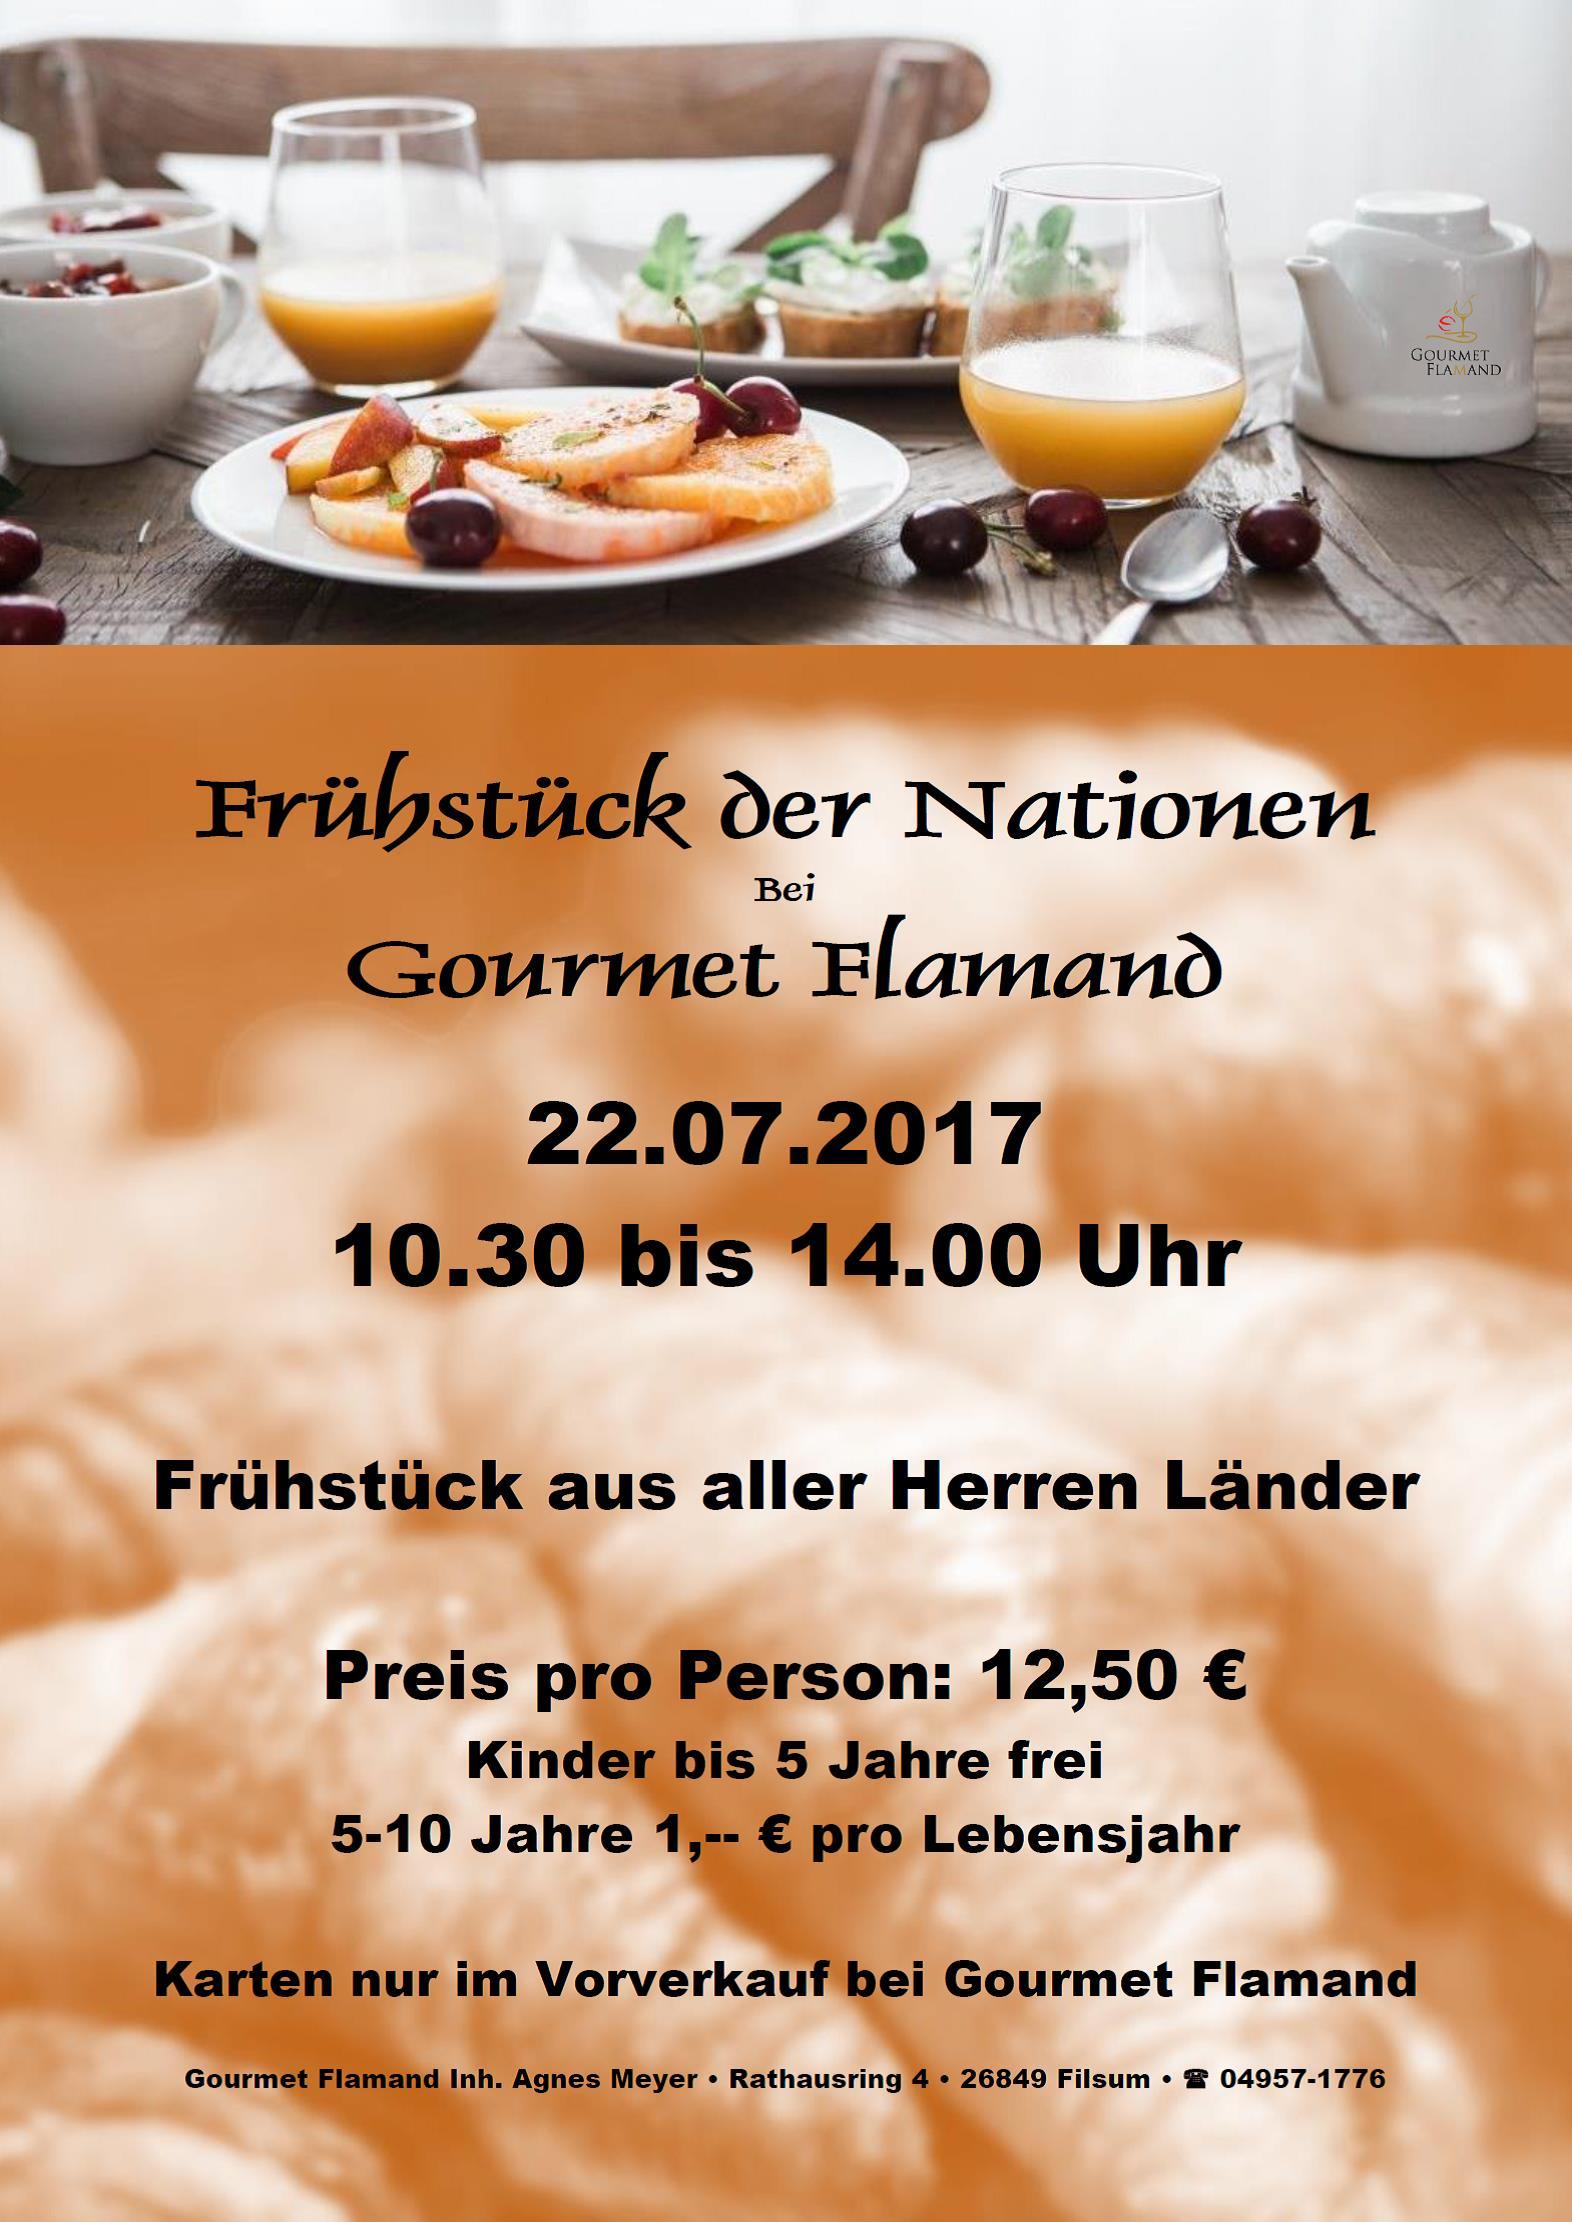 Frühstück der Nationen2